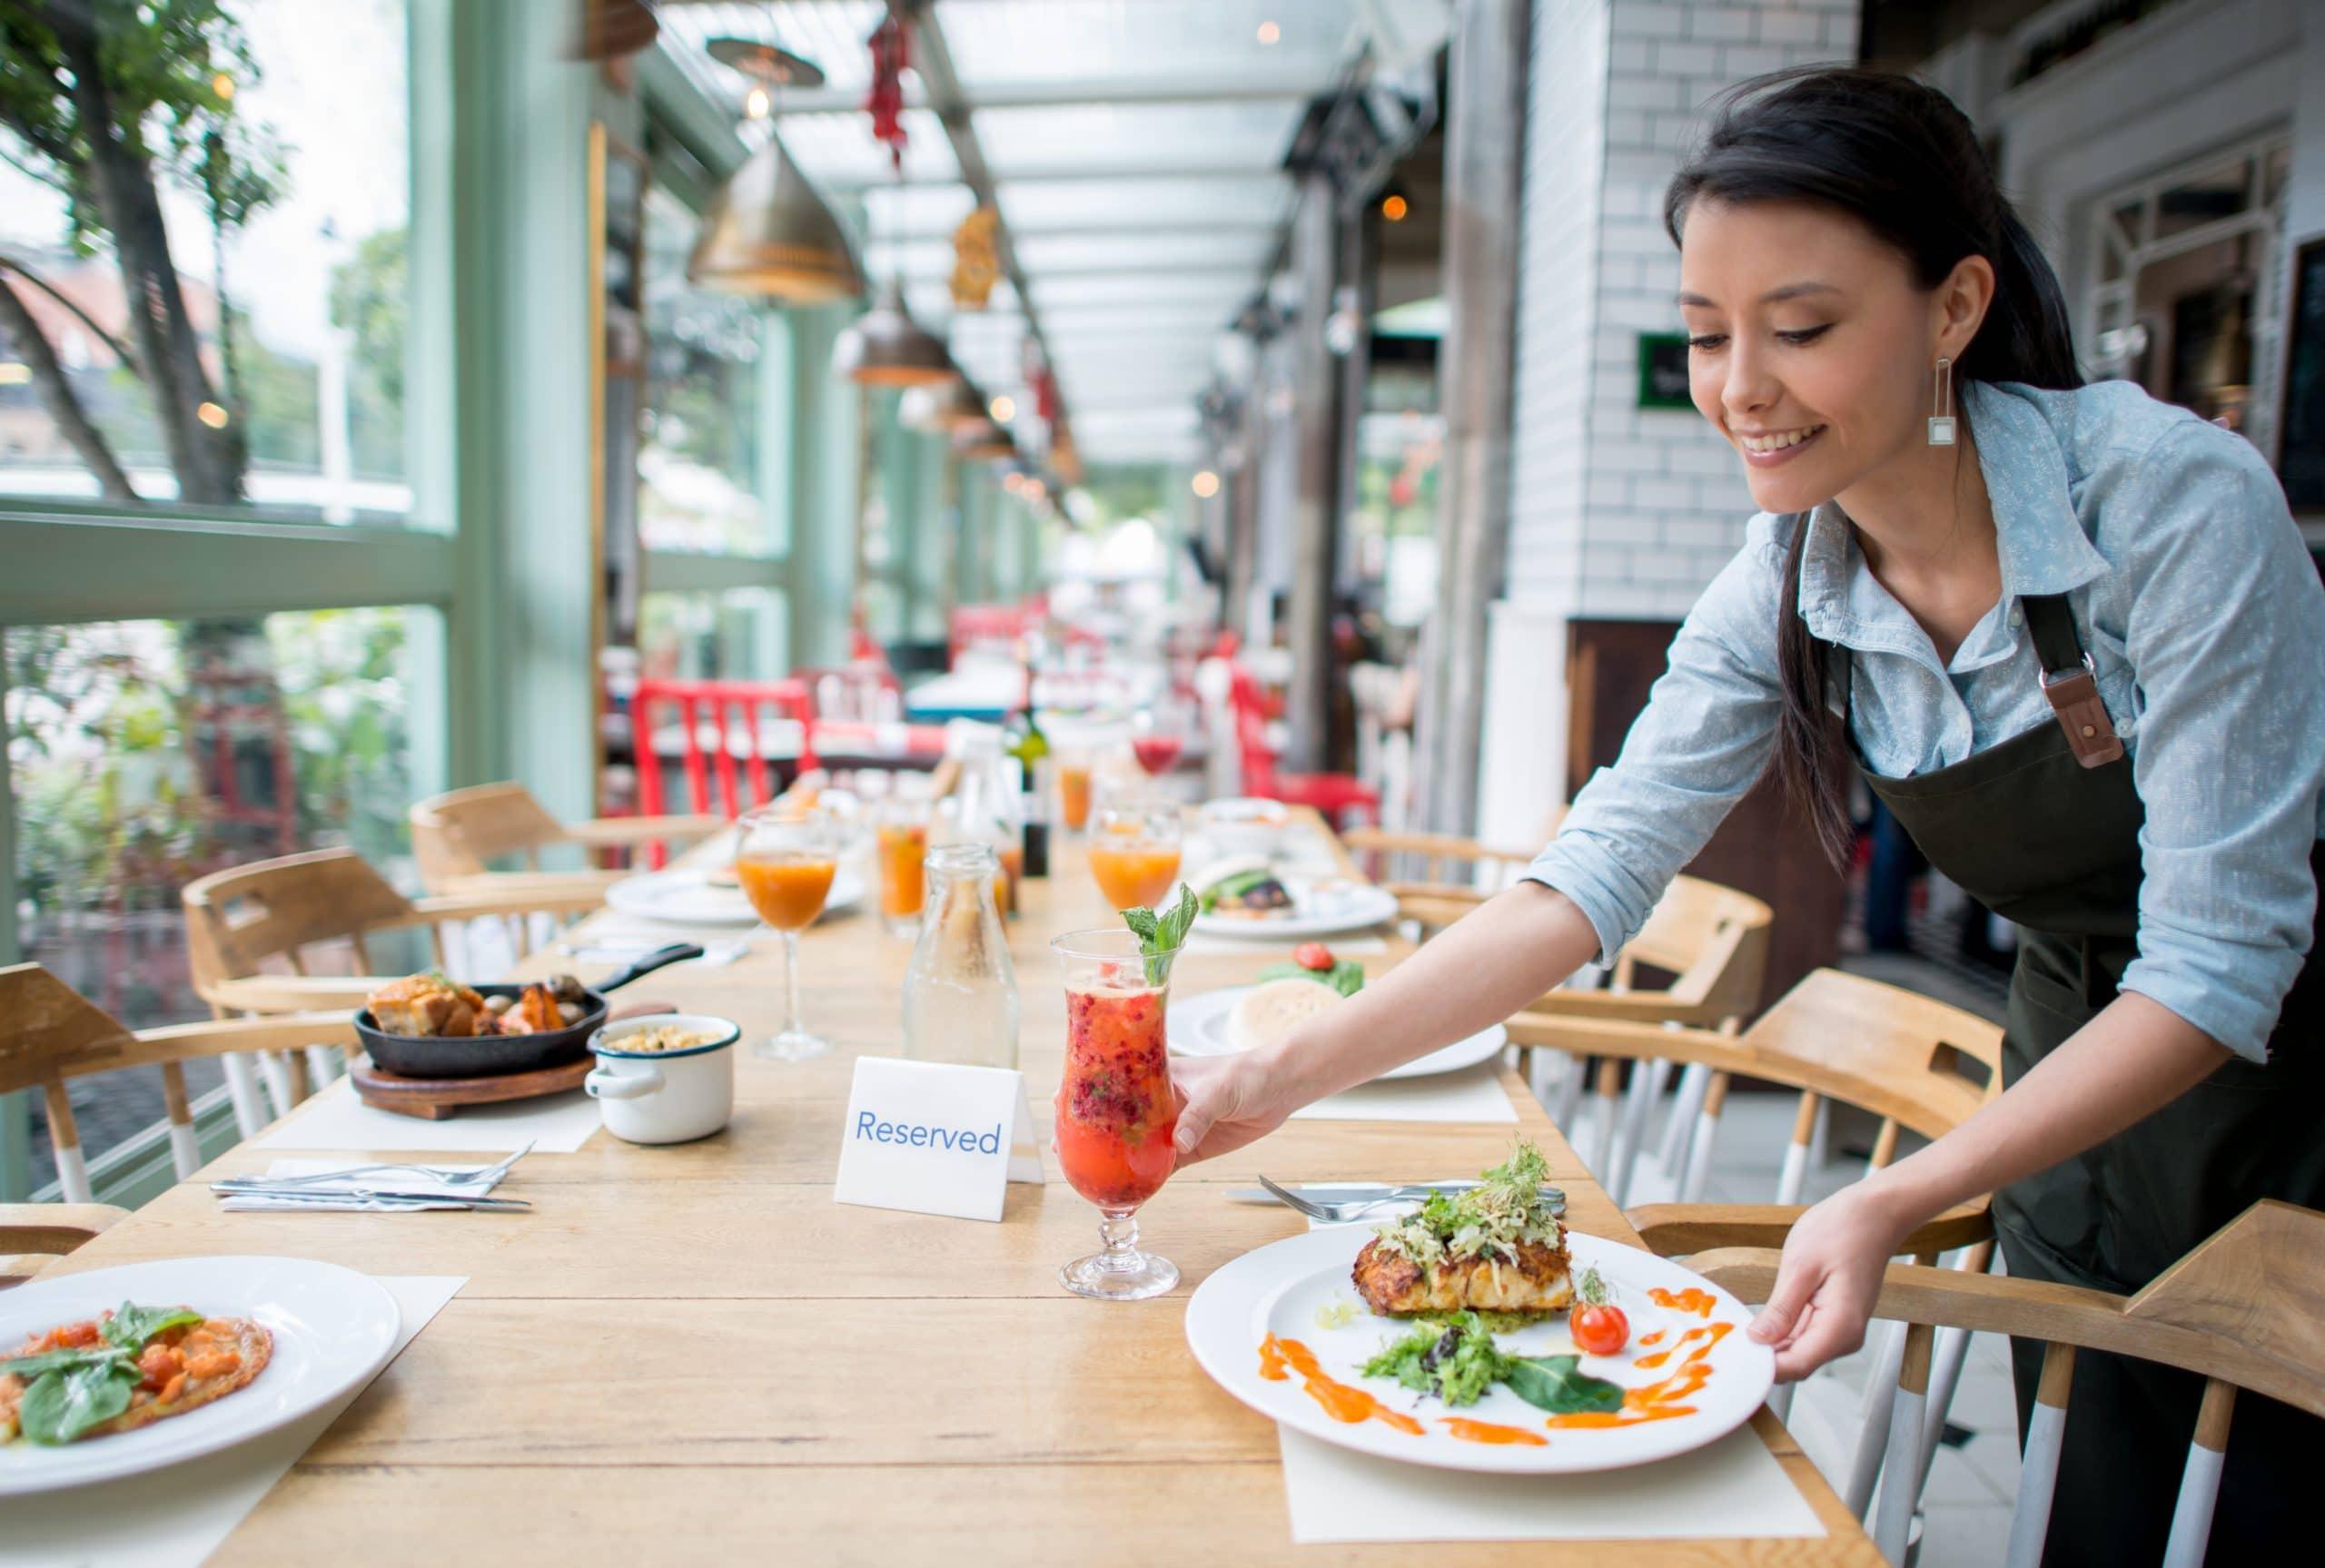 Waitress serving dinner at a restaurant